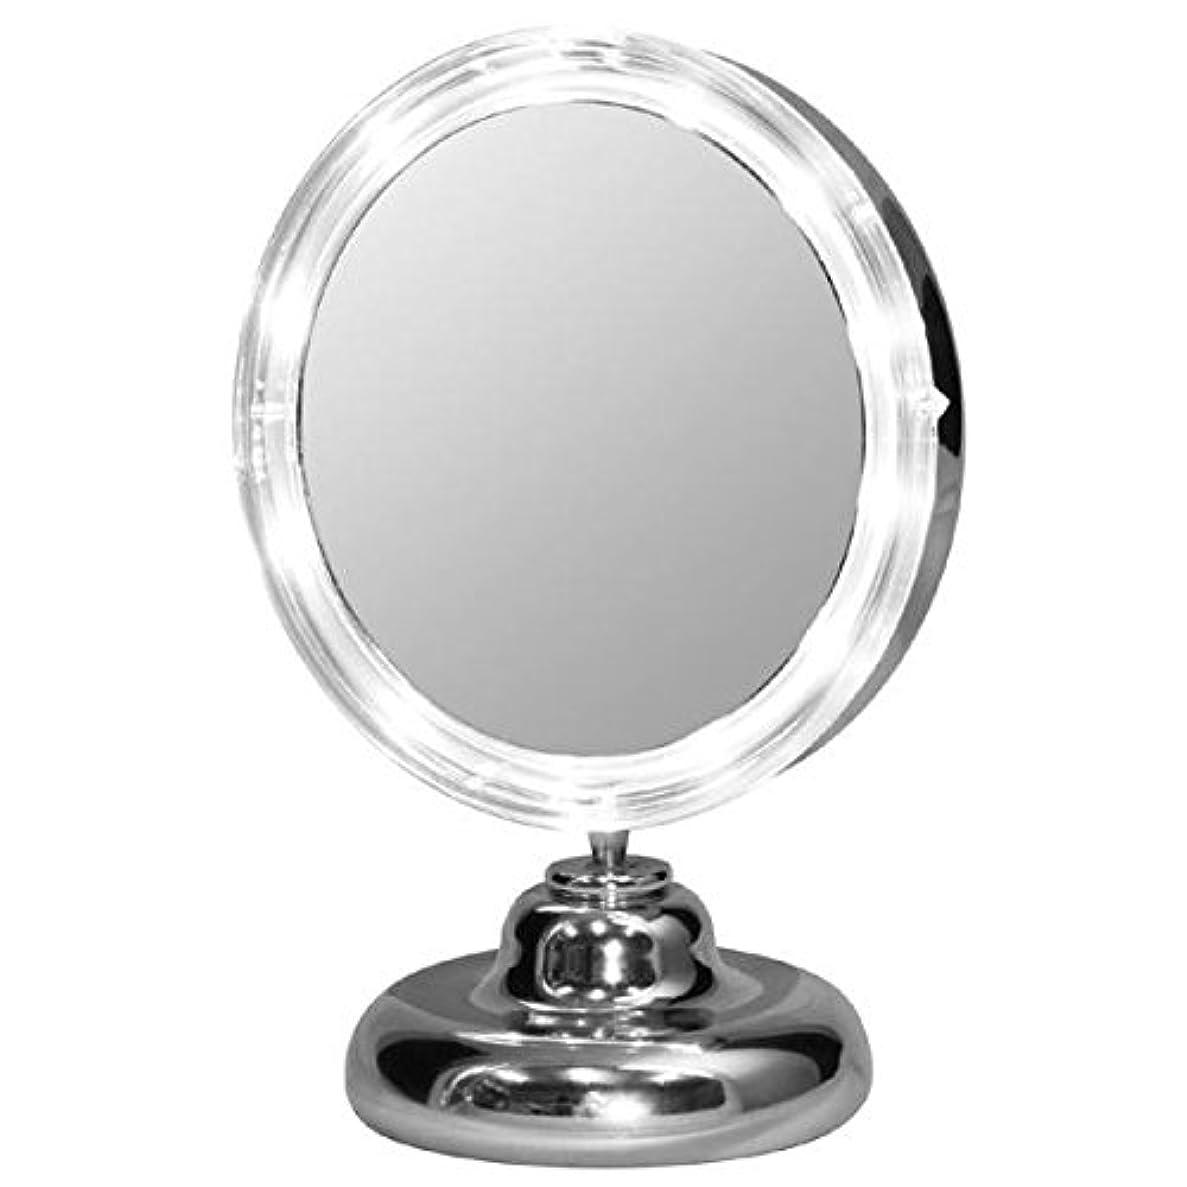 襟しがみつくアクセスできない真実の鏡DX-ミニS型